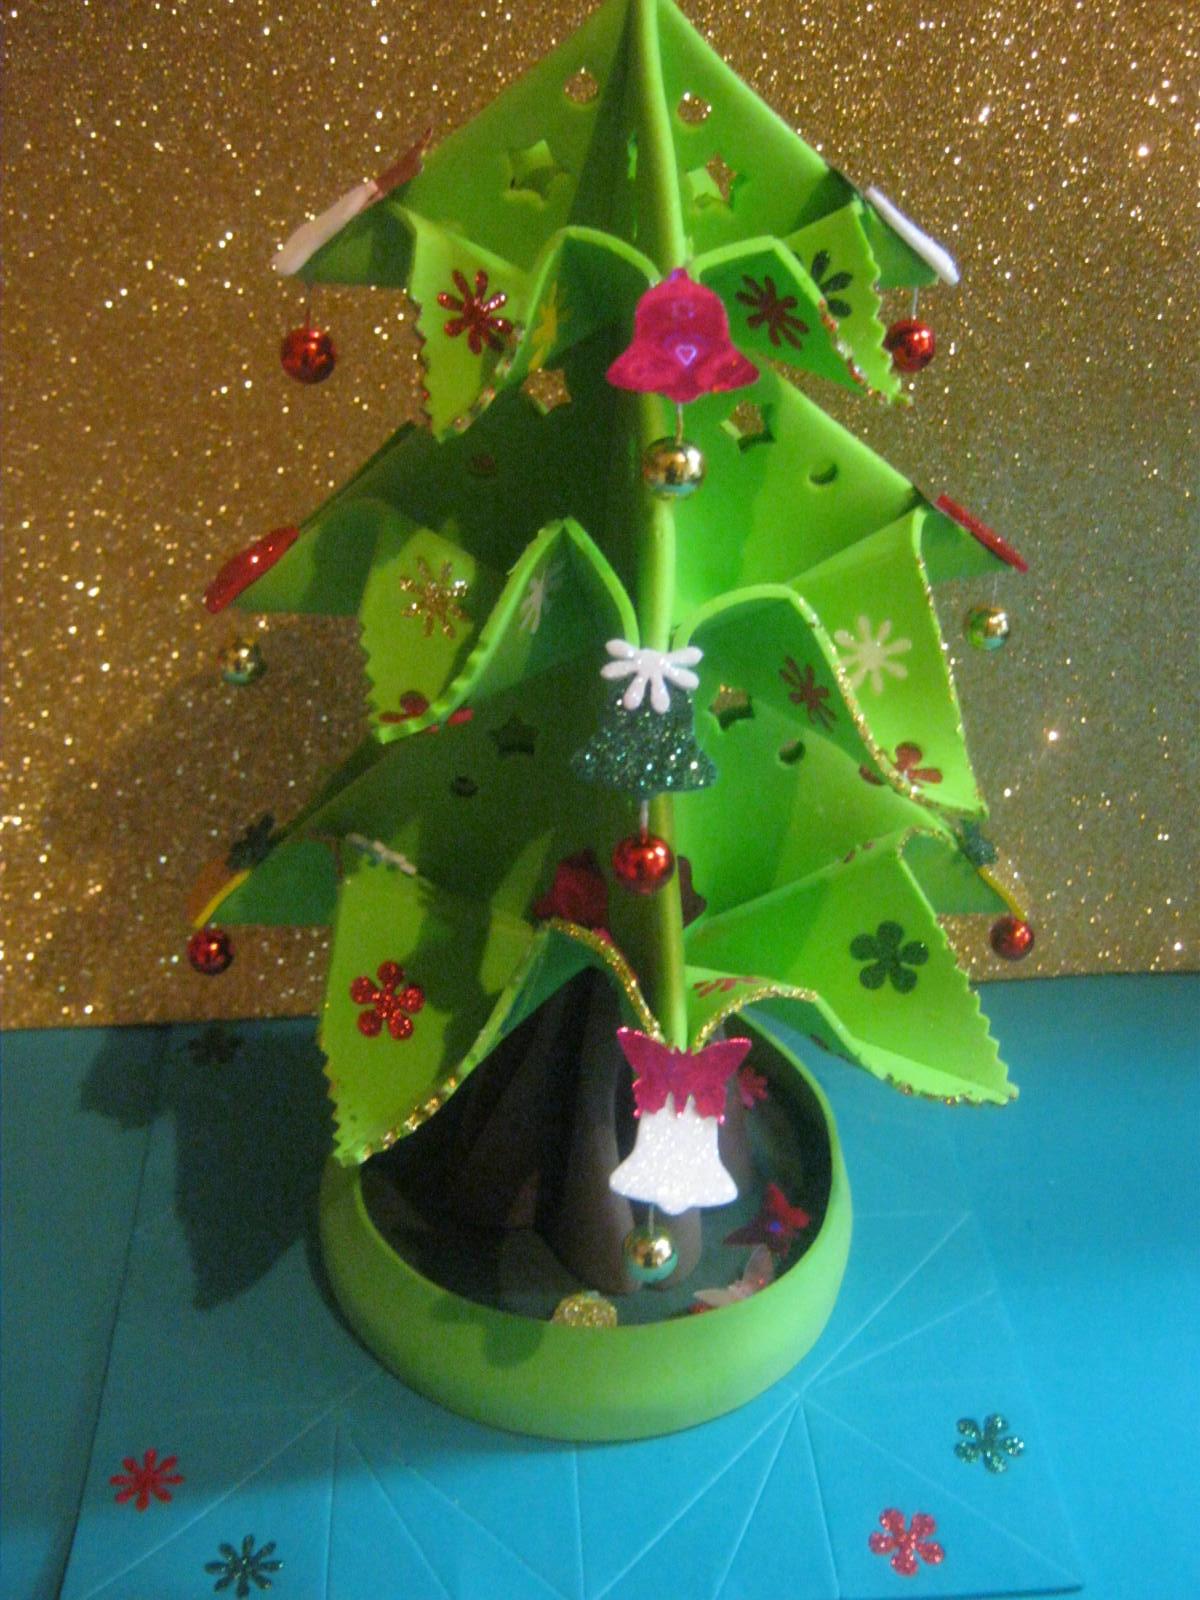 Zona purpura christmas tree arbolito de navidad arbol - Trabajos en goma eva navidad ...